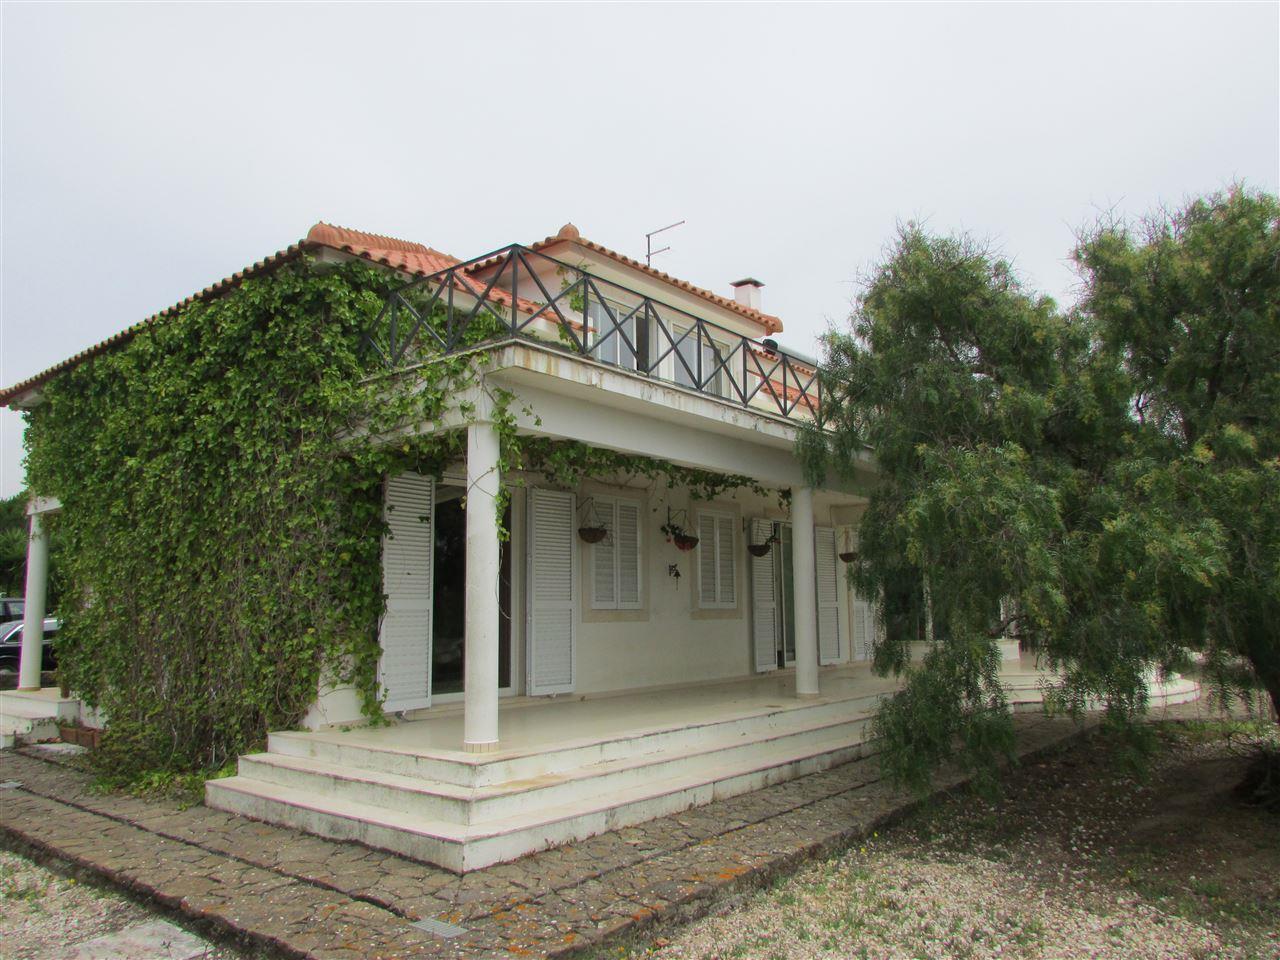 农场 / 牧场 / 种植园 为 销售 在 Farm, 7 bedrooms, for Sale Mafra, 葡京 葡萄牙